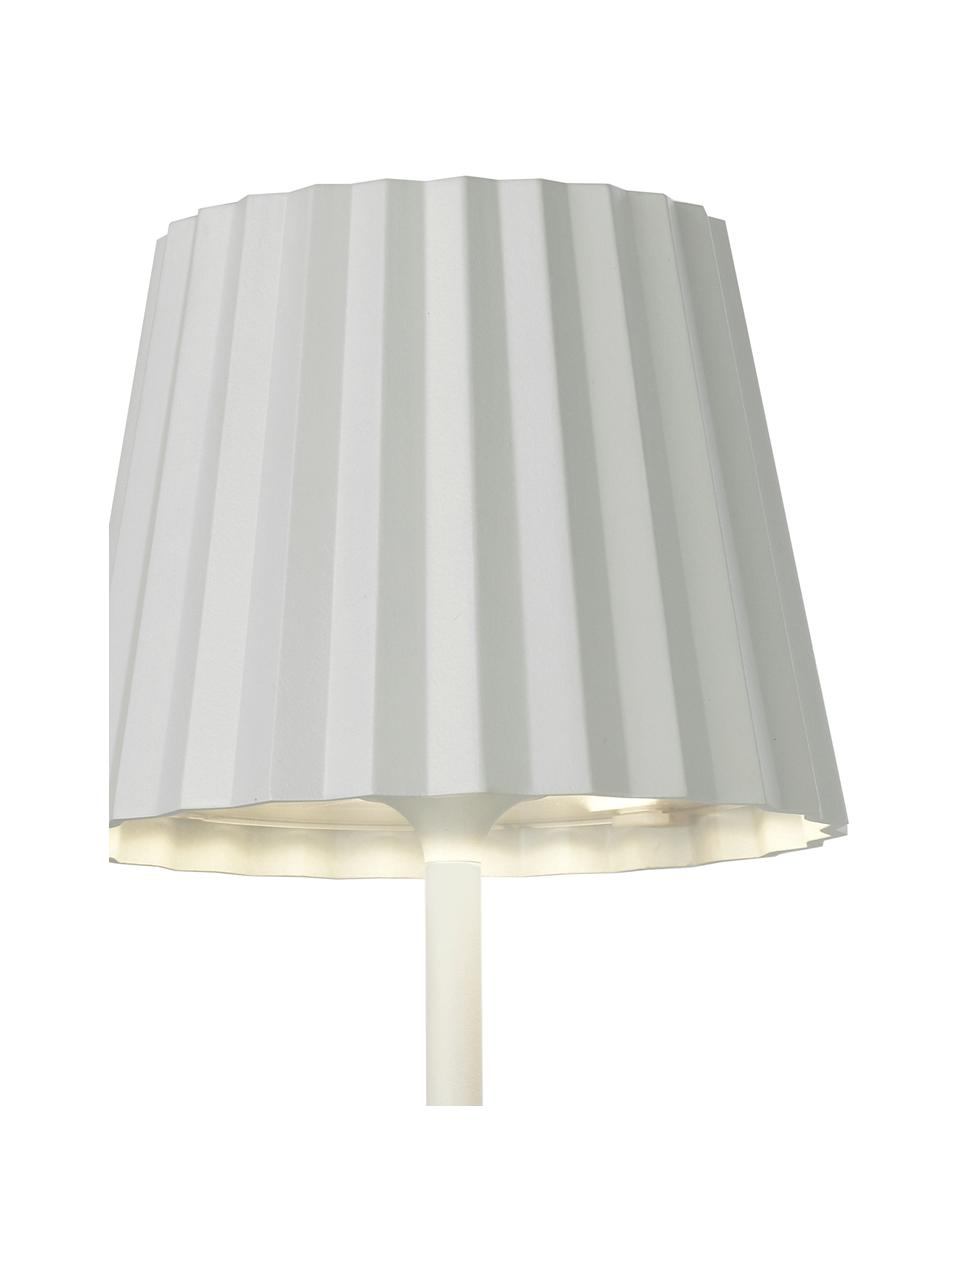 Zewnętrzna mobilna lampa stołowa z funkcją przyciemniania Trellia, Biały, Ø 15 x W 38 cm